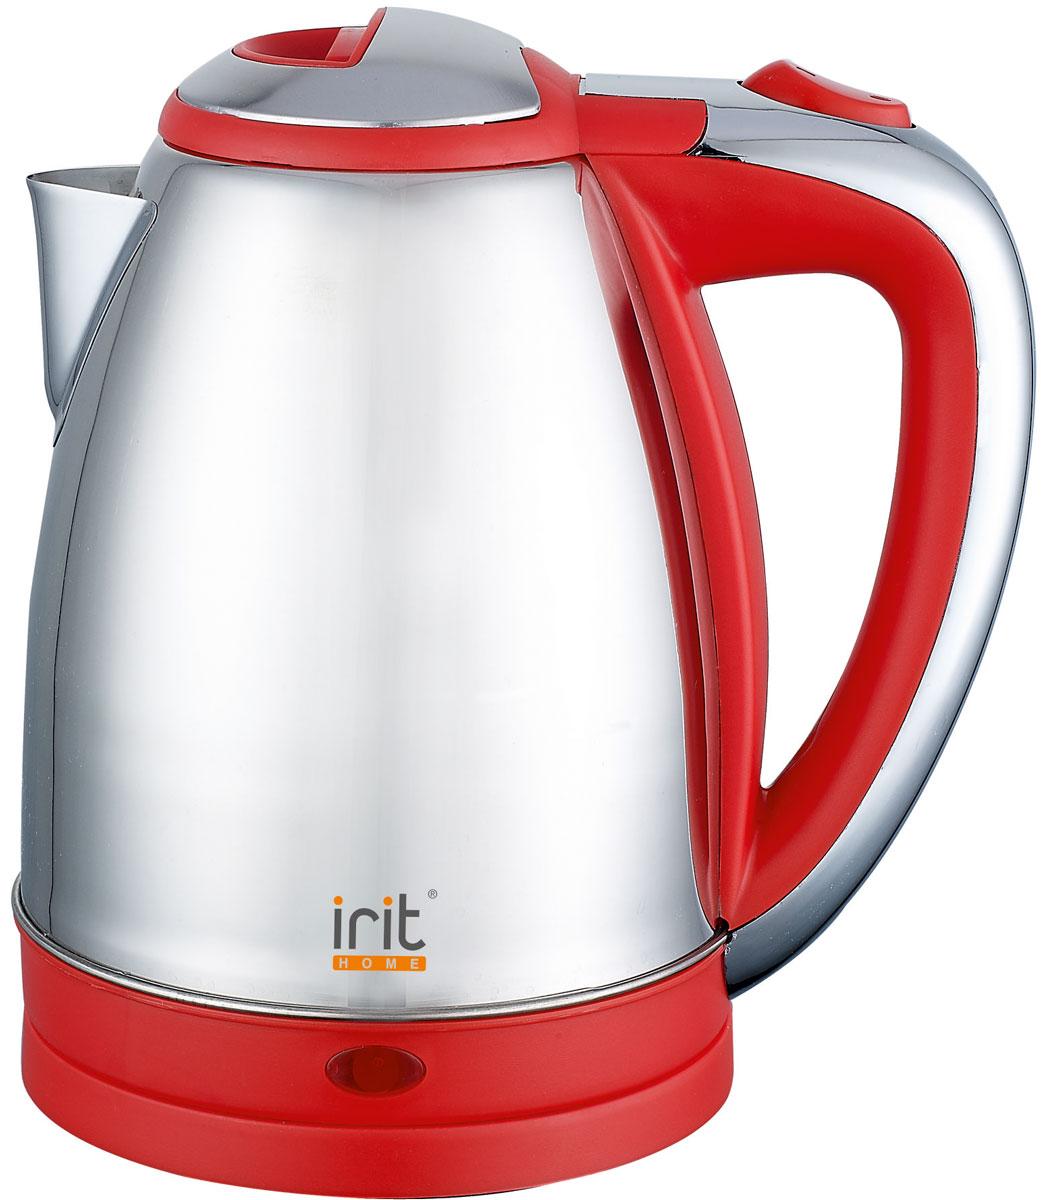 Irit IR-1314, Red электрический чайник